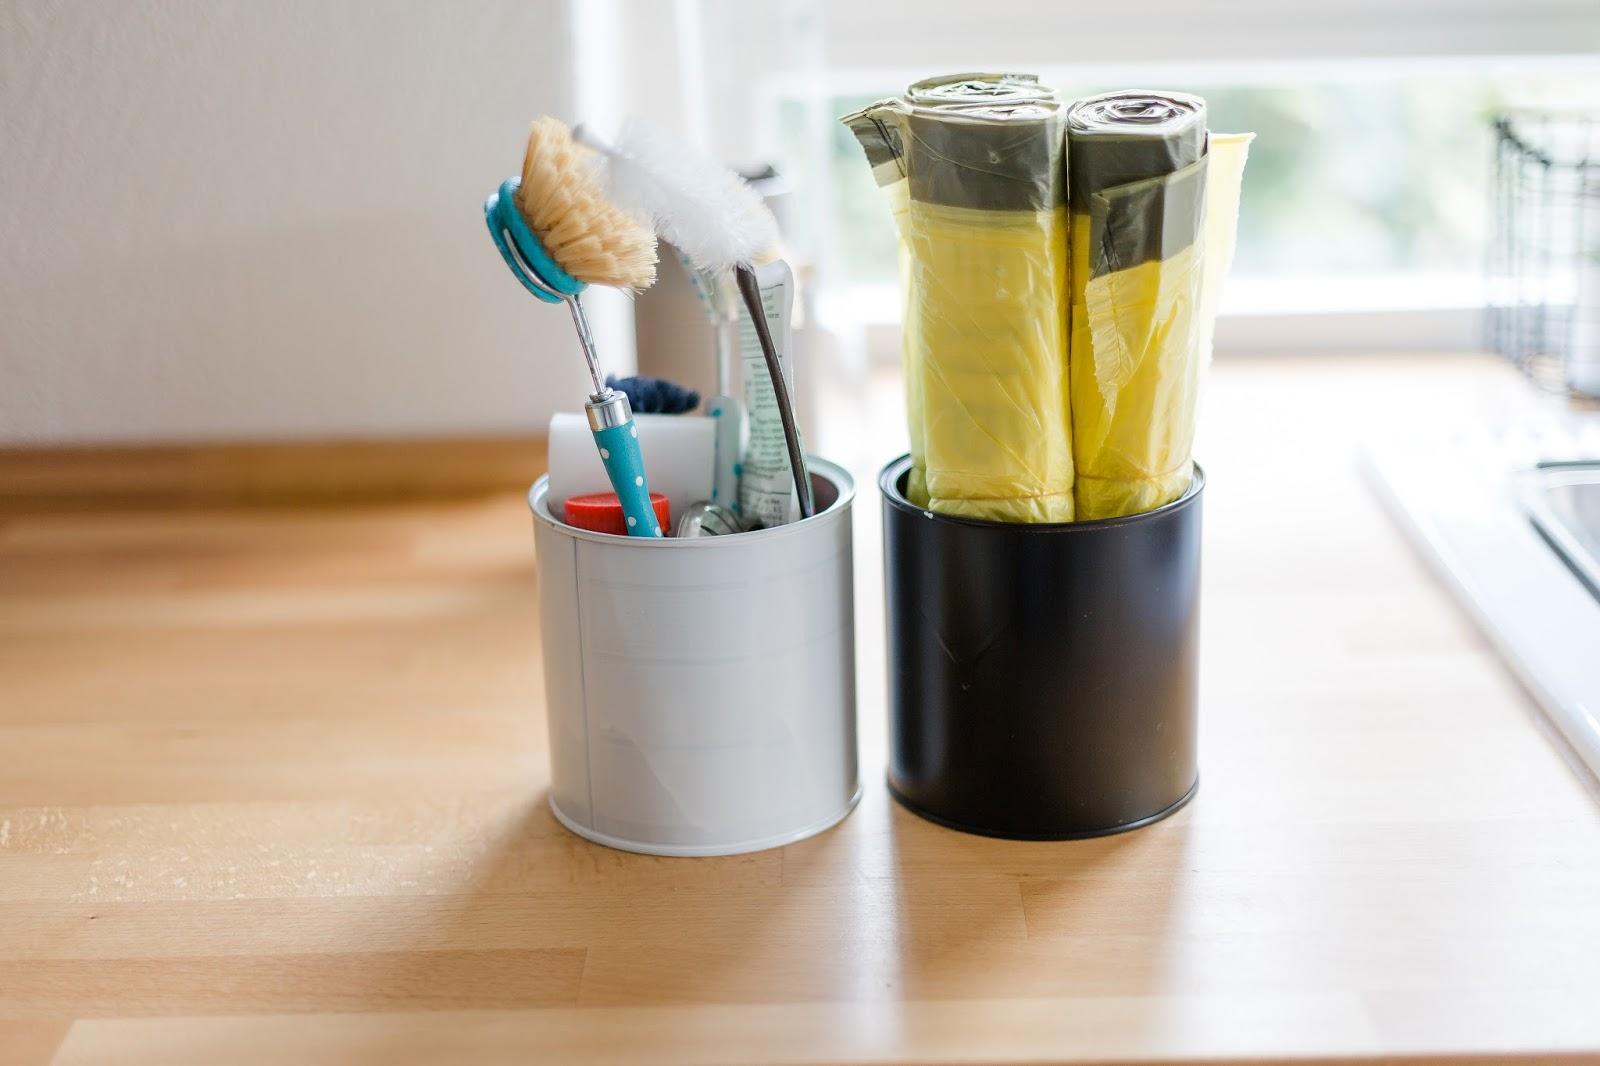 alle jahre wieder fr hjahrsputz in der k che oder 10 schritte zur sauberen k che pomponetti. Black Bedroom Furniture Sets. Home Design Ideas